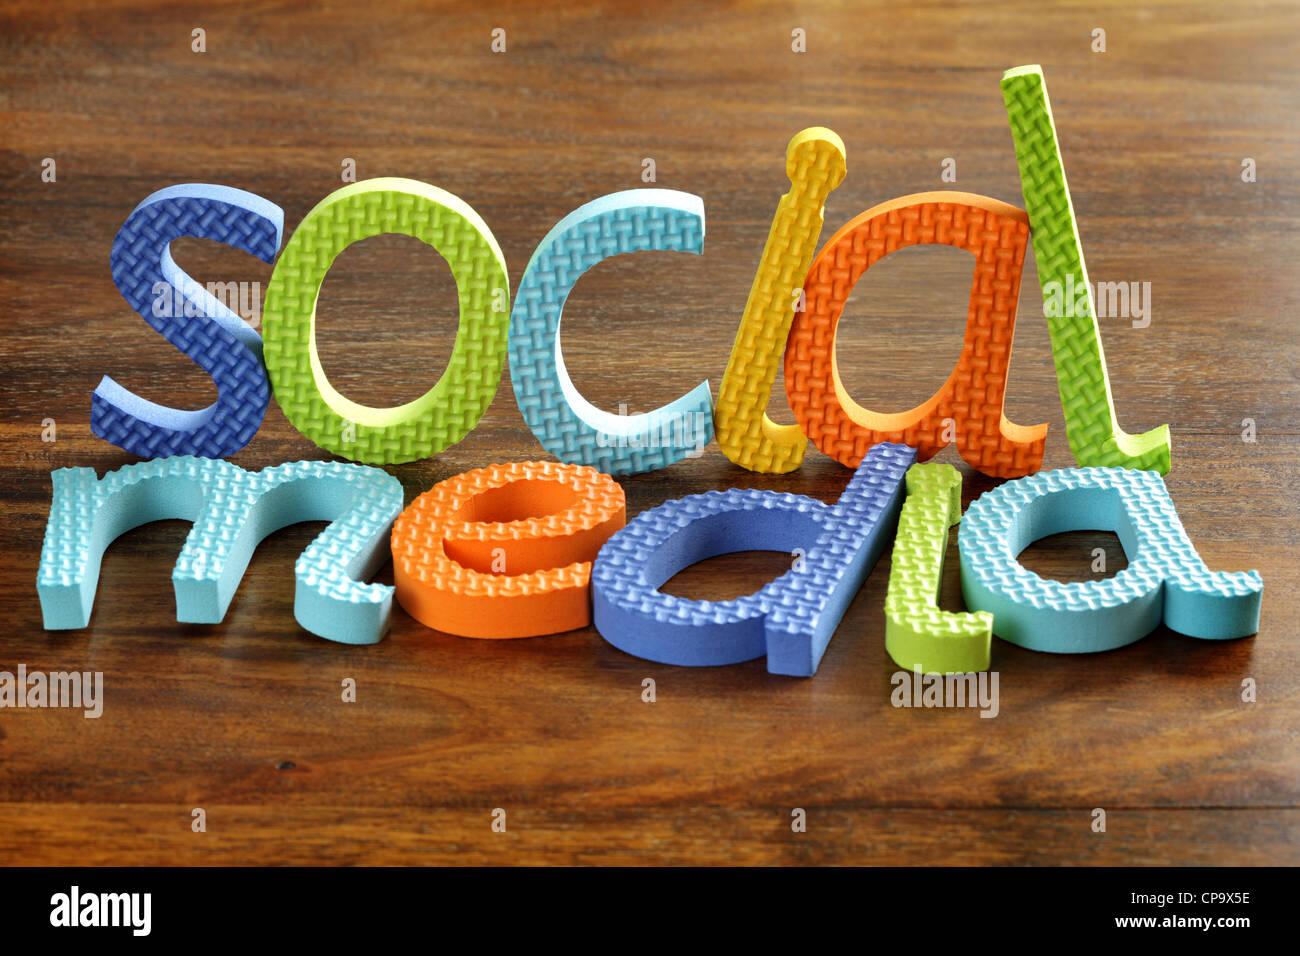 Social media - Stock Image